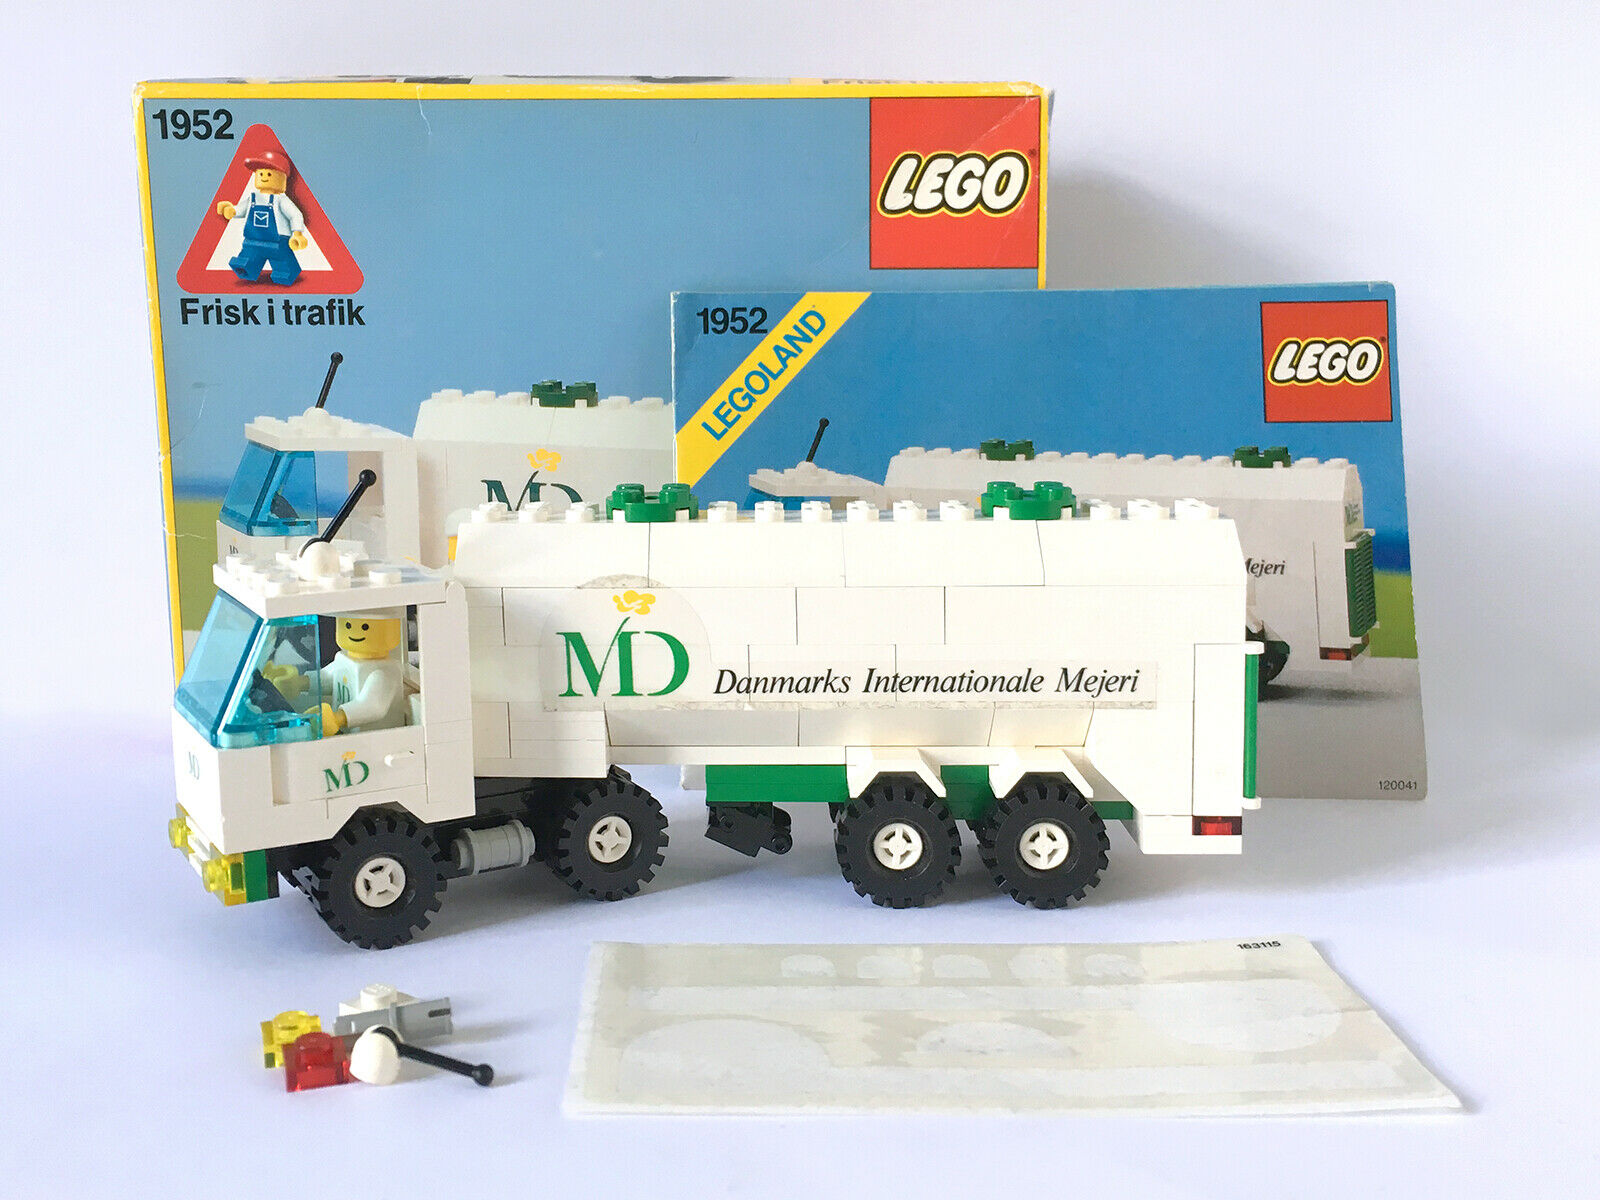 LEGO TOWN 1952 Dairy Cisterna (MD cibo) (1989) in scatola, istruzioni, COMPLETO, RARO